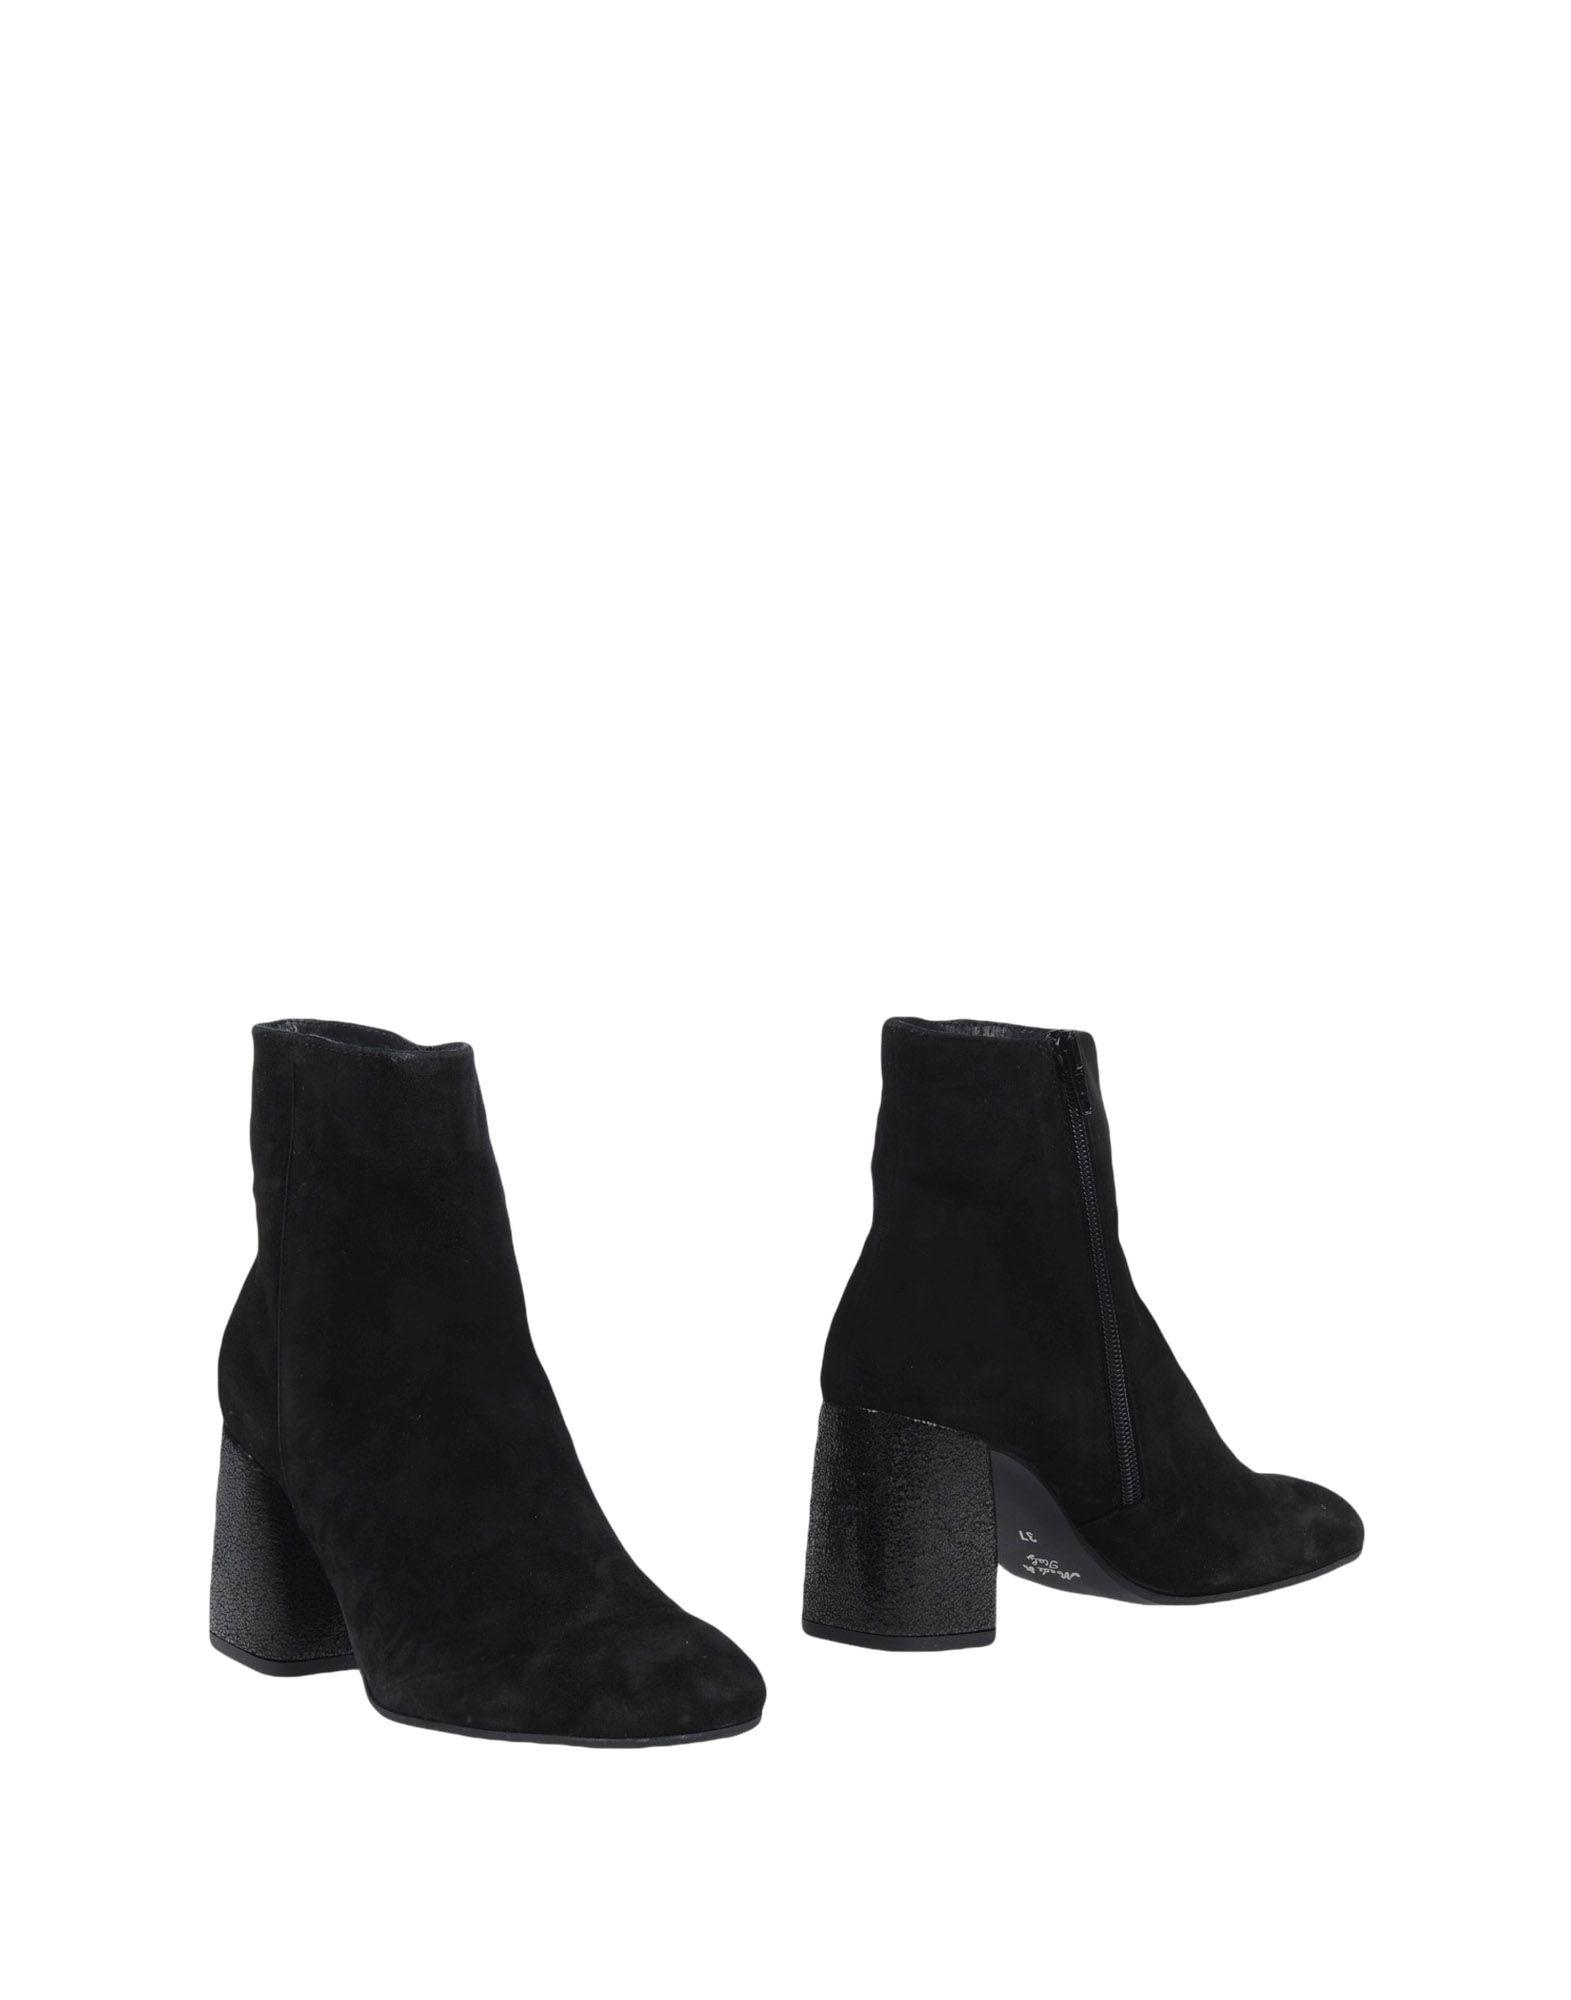 Oroscuro Stiefelette Damen  11456079QM Gute Qualität beliebte Schuhe